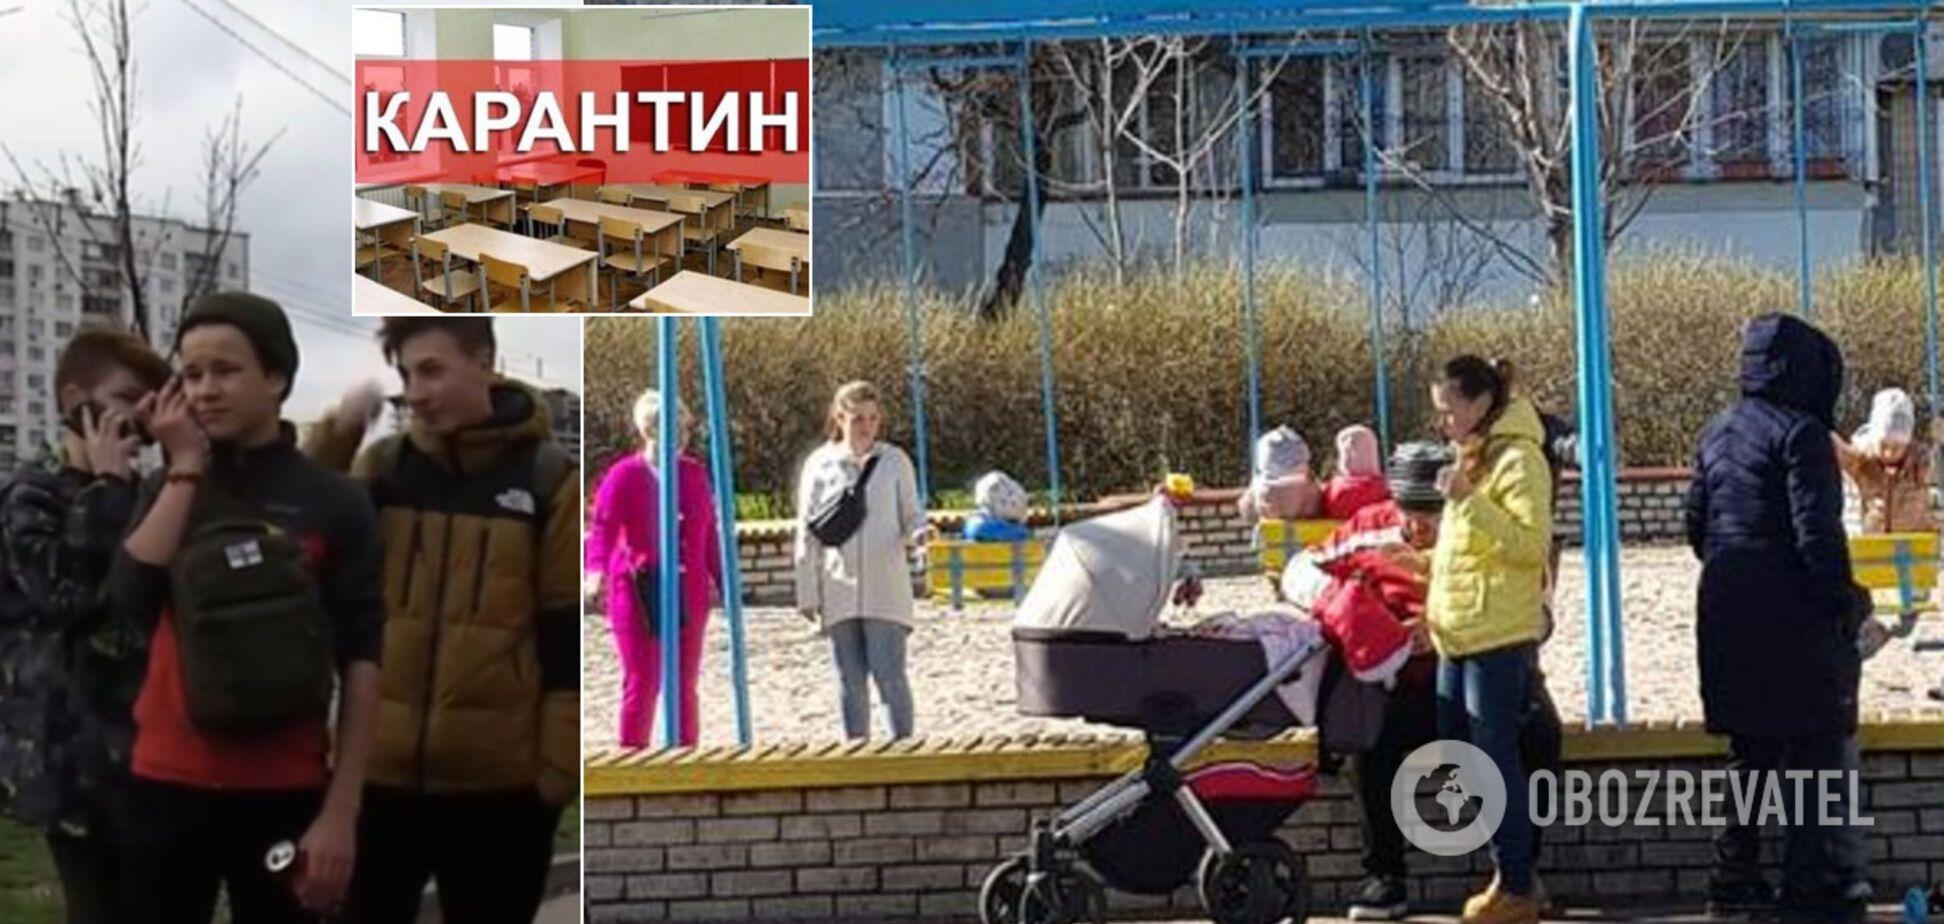 Статті 184 та 166: з'явилося пояснення дурного фейку про карантин в Україні